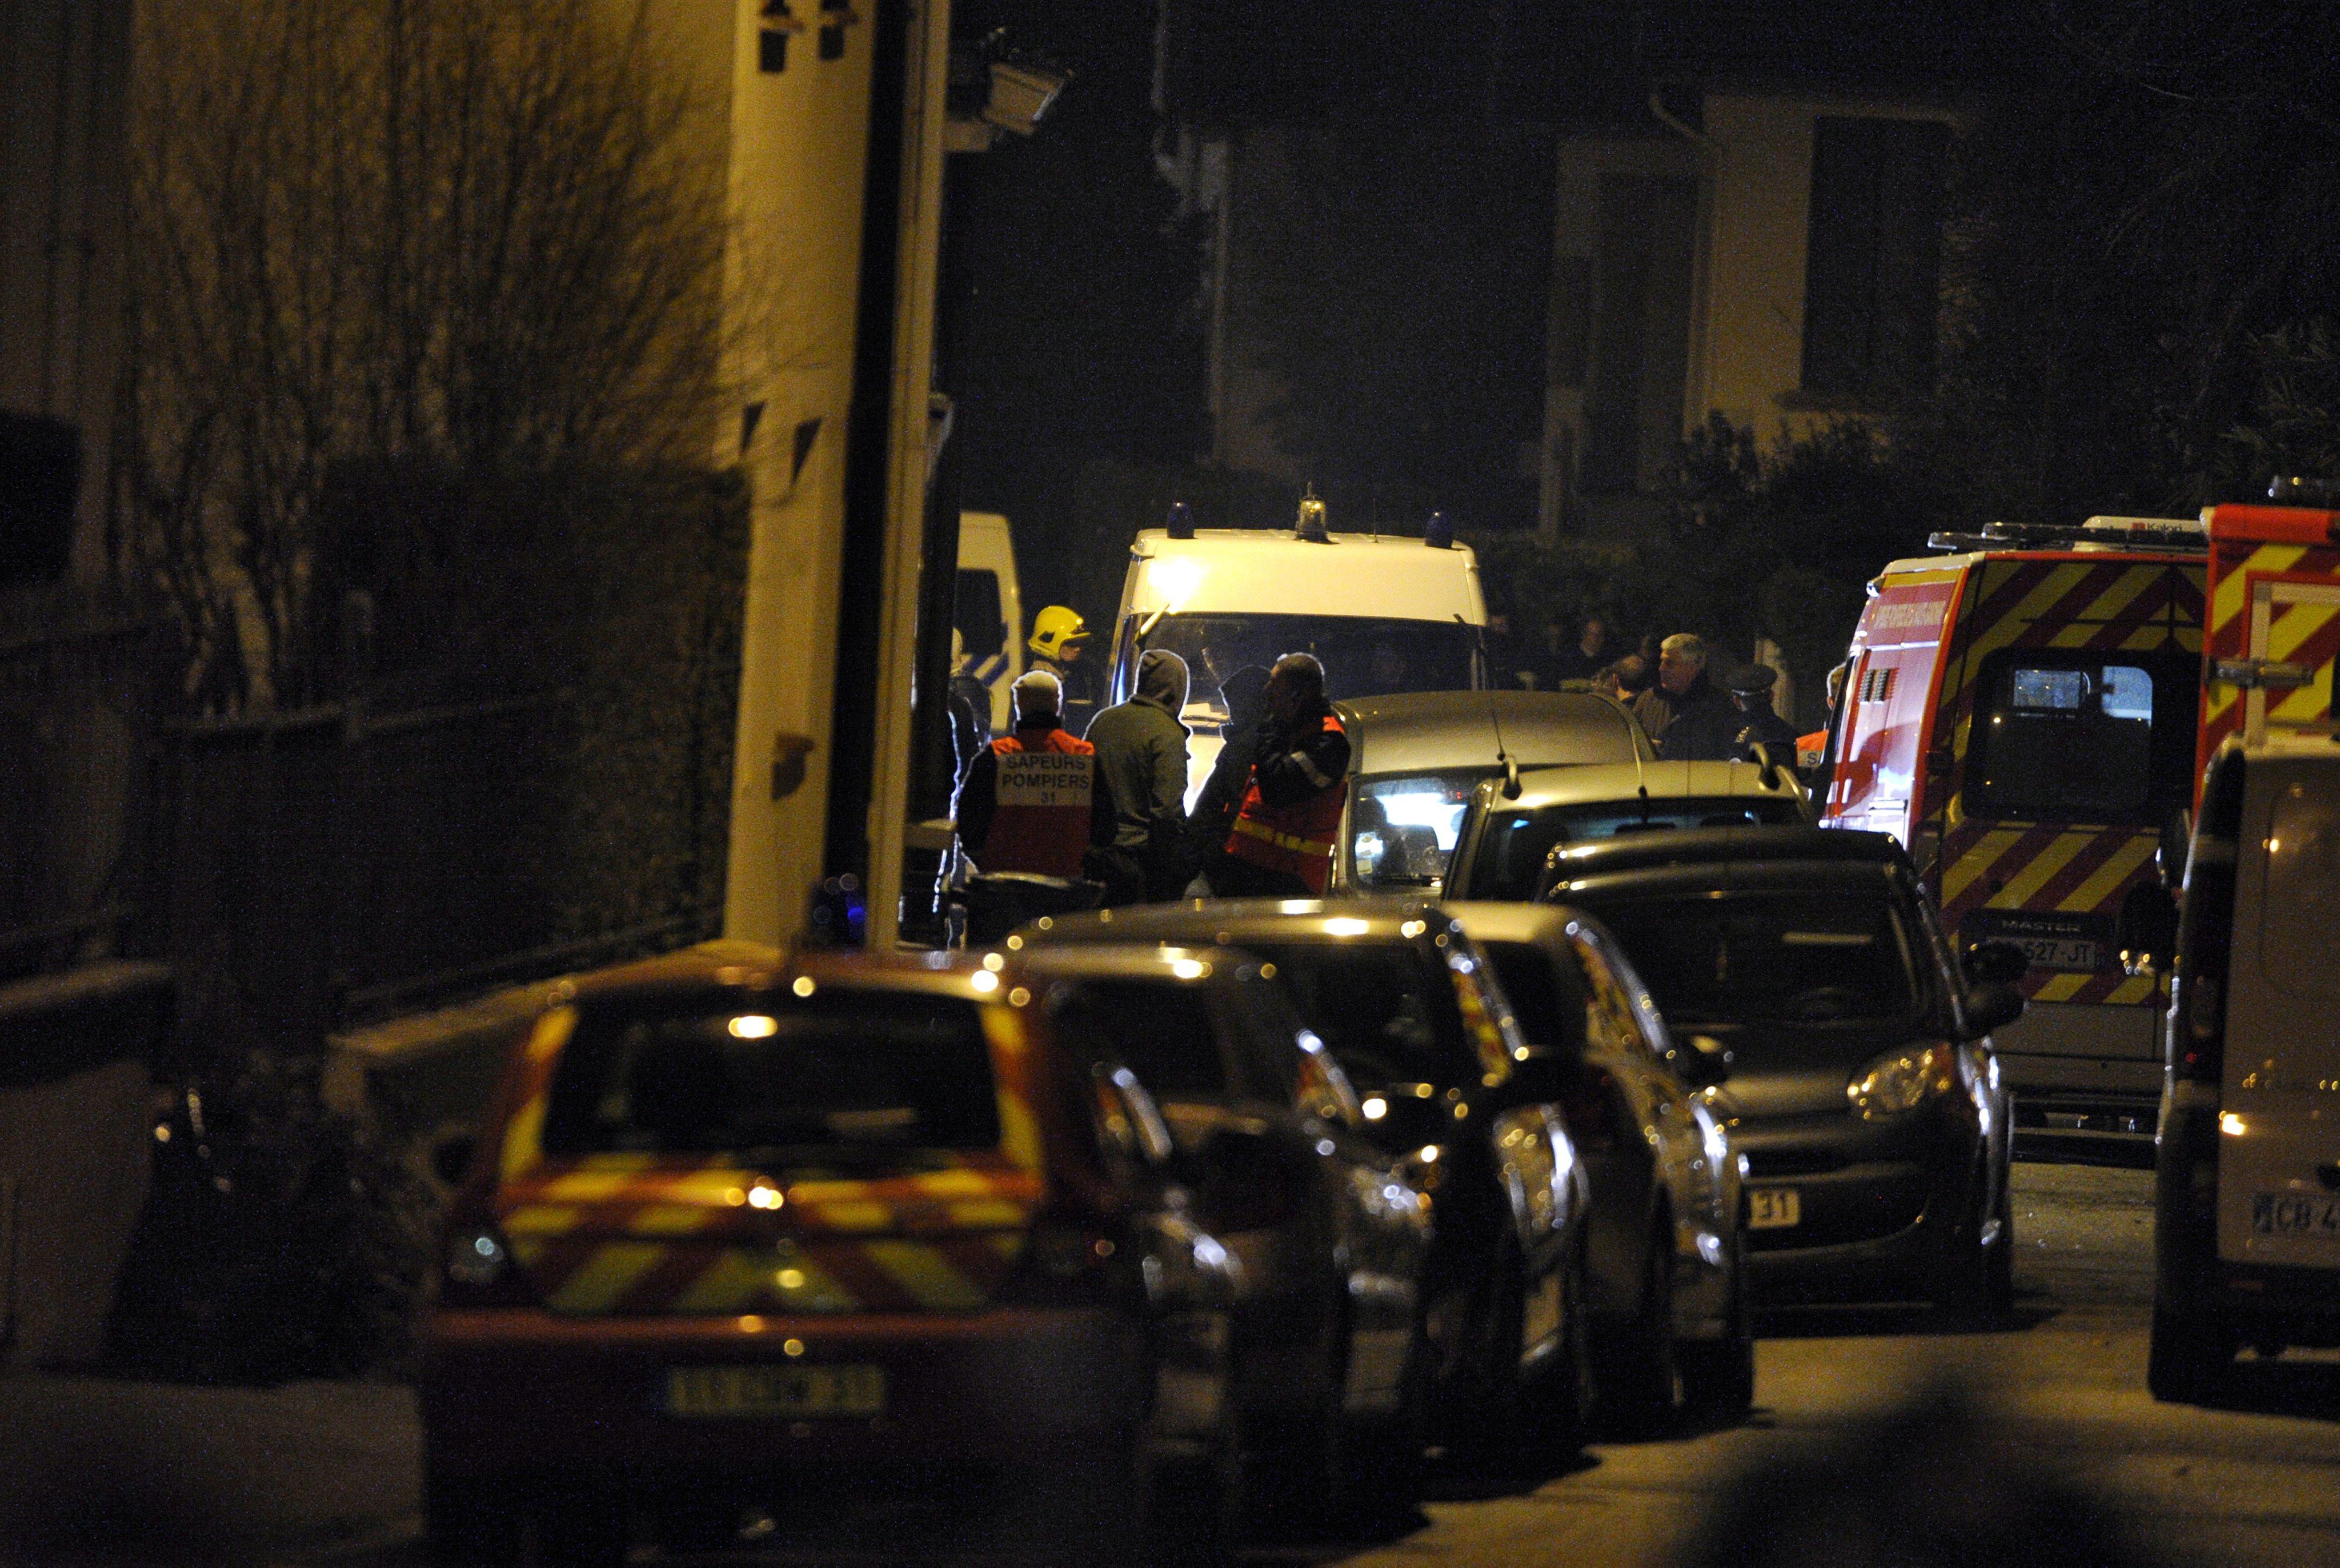 """Убиецът от Тулуза отказал да стане камикадзе, но приел """"обща мисия"""""""